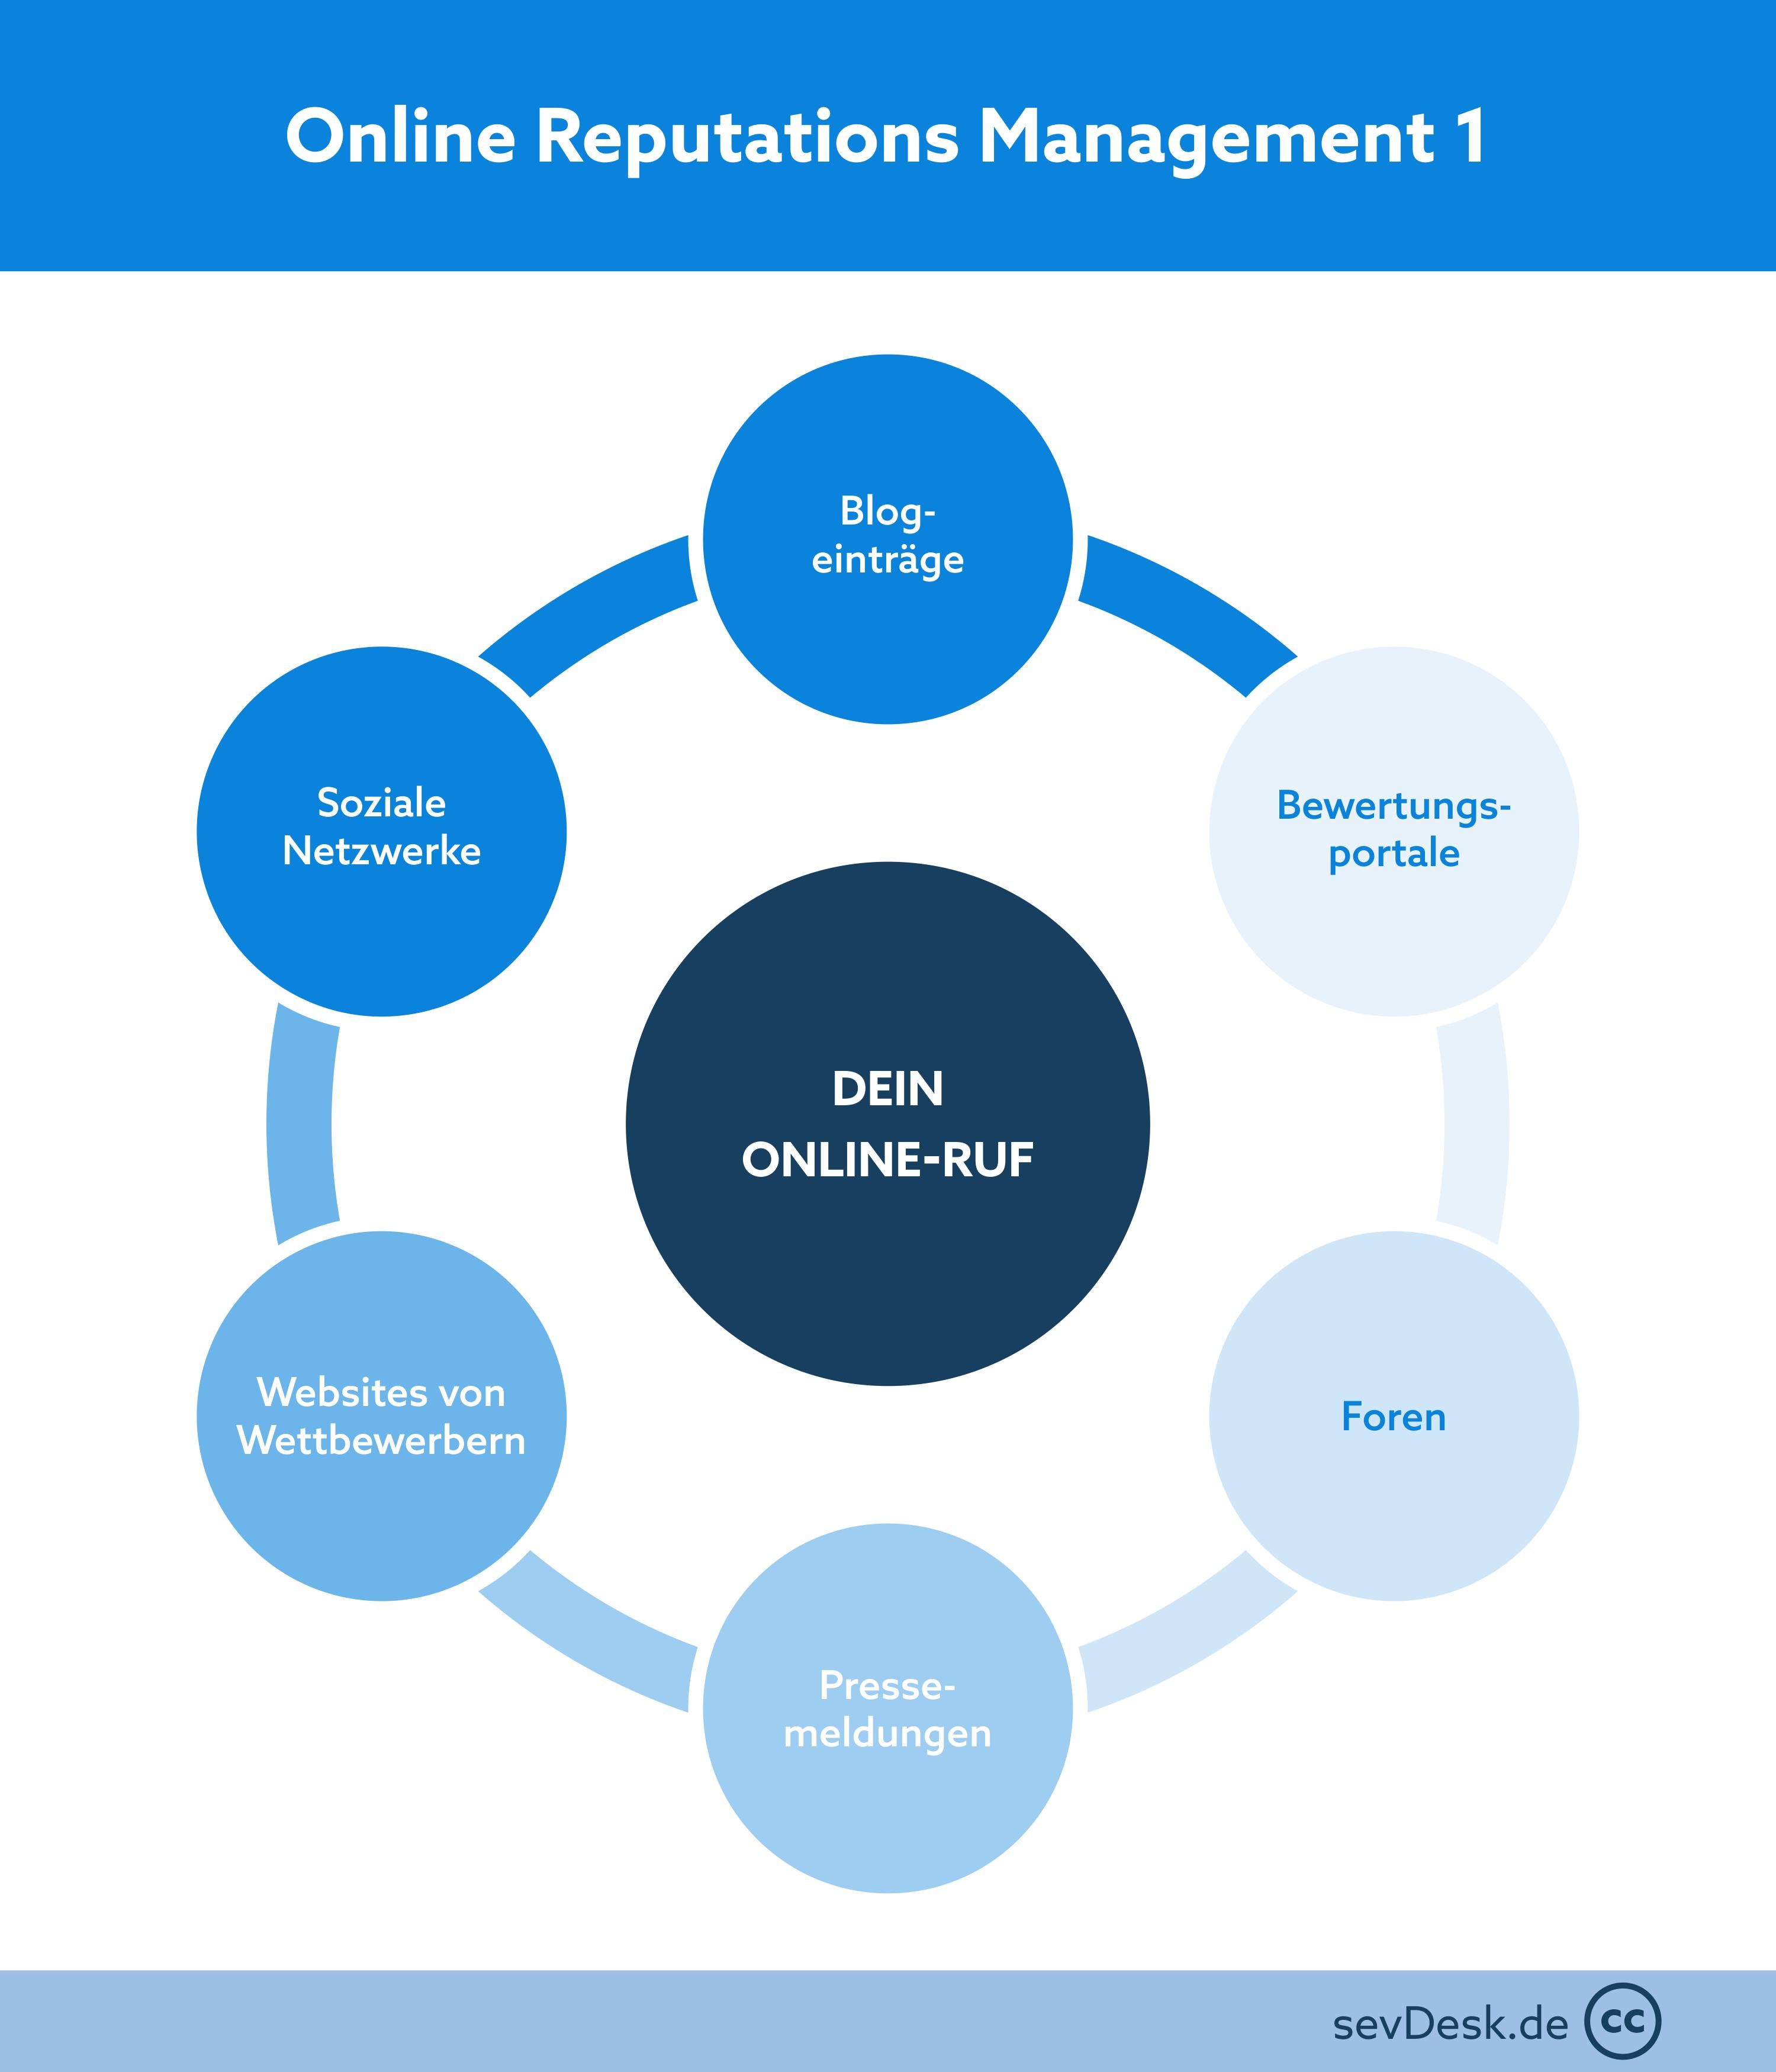 Moeglichkeiten der Ueberwachung fuer ein Online Reputations Management